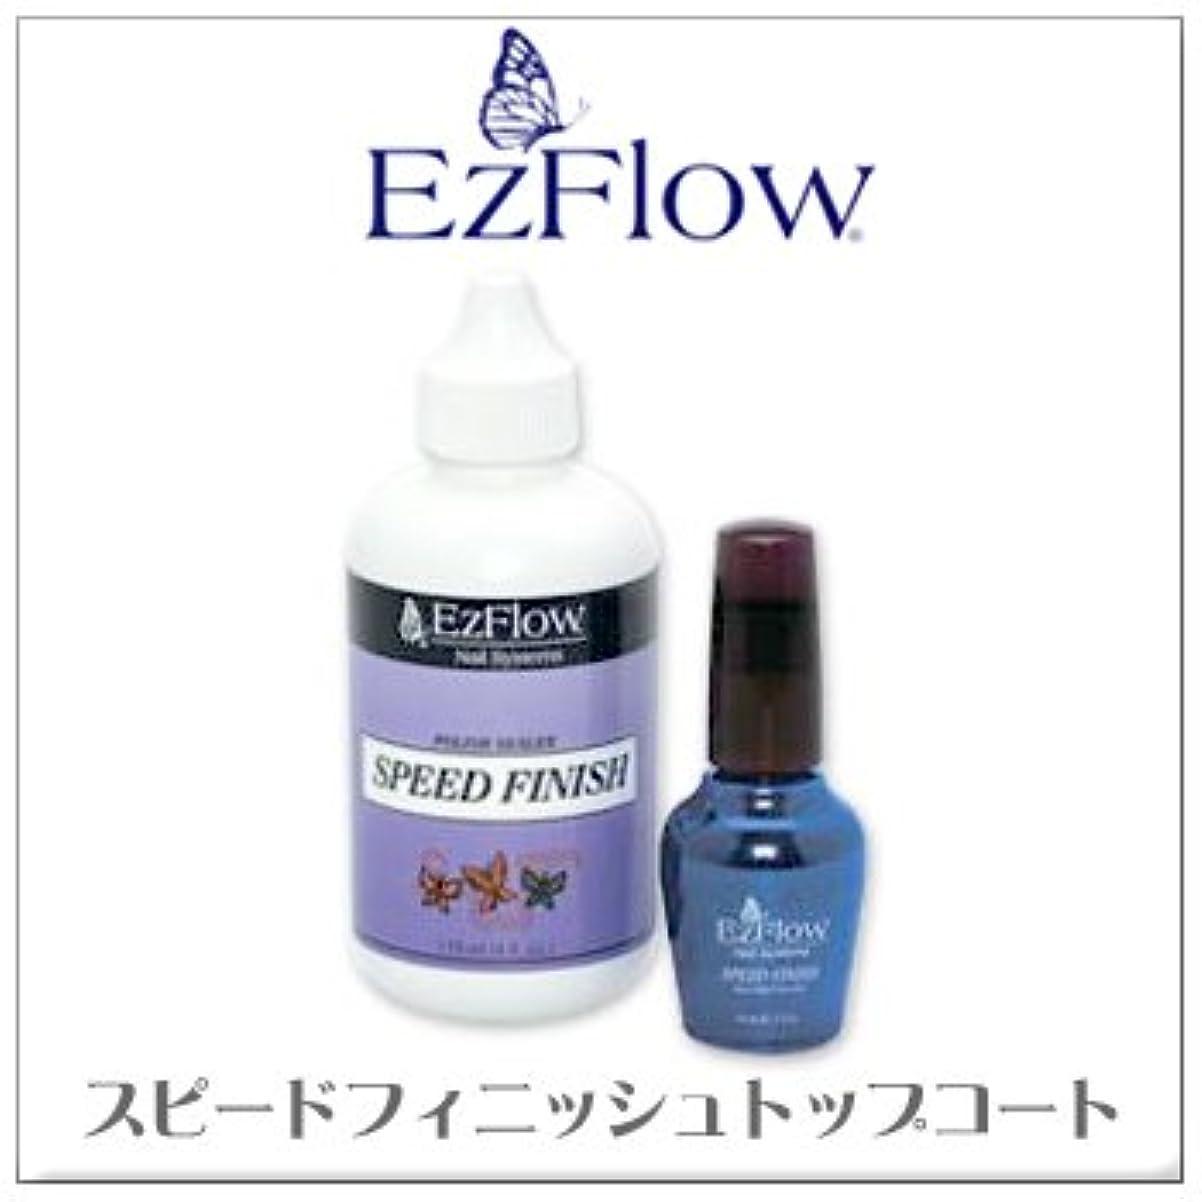 発音する衣服増幅Ez-Flow (イージーフロー) スピードフィニッシュトップコート (1/2oz)